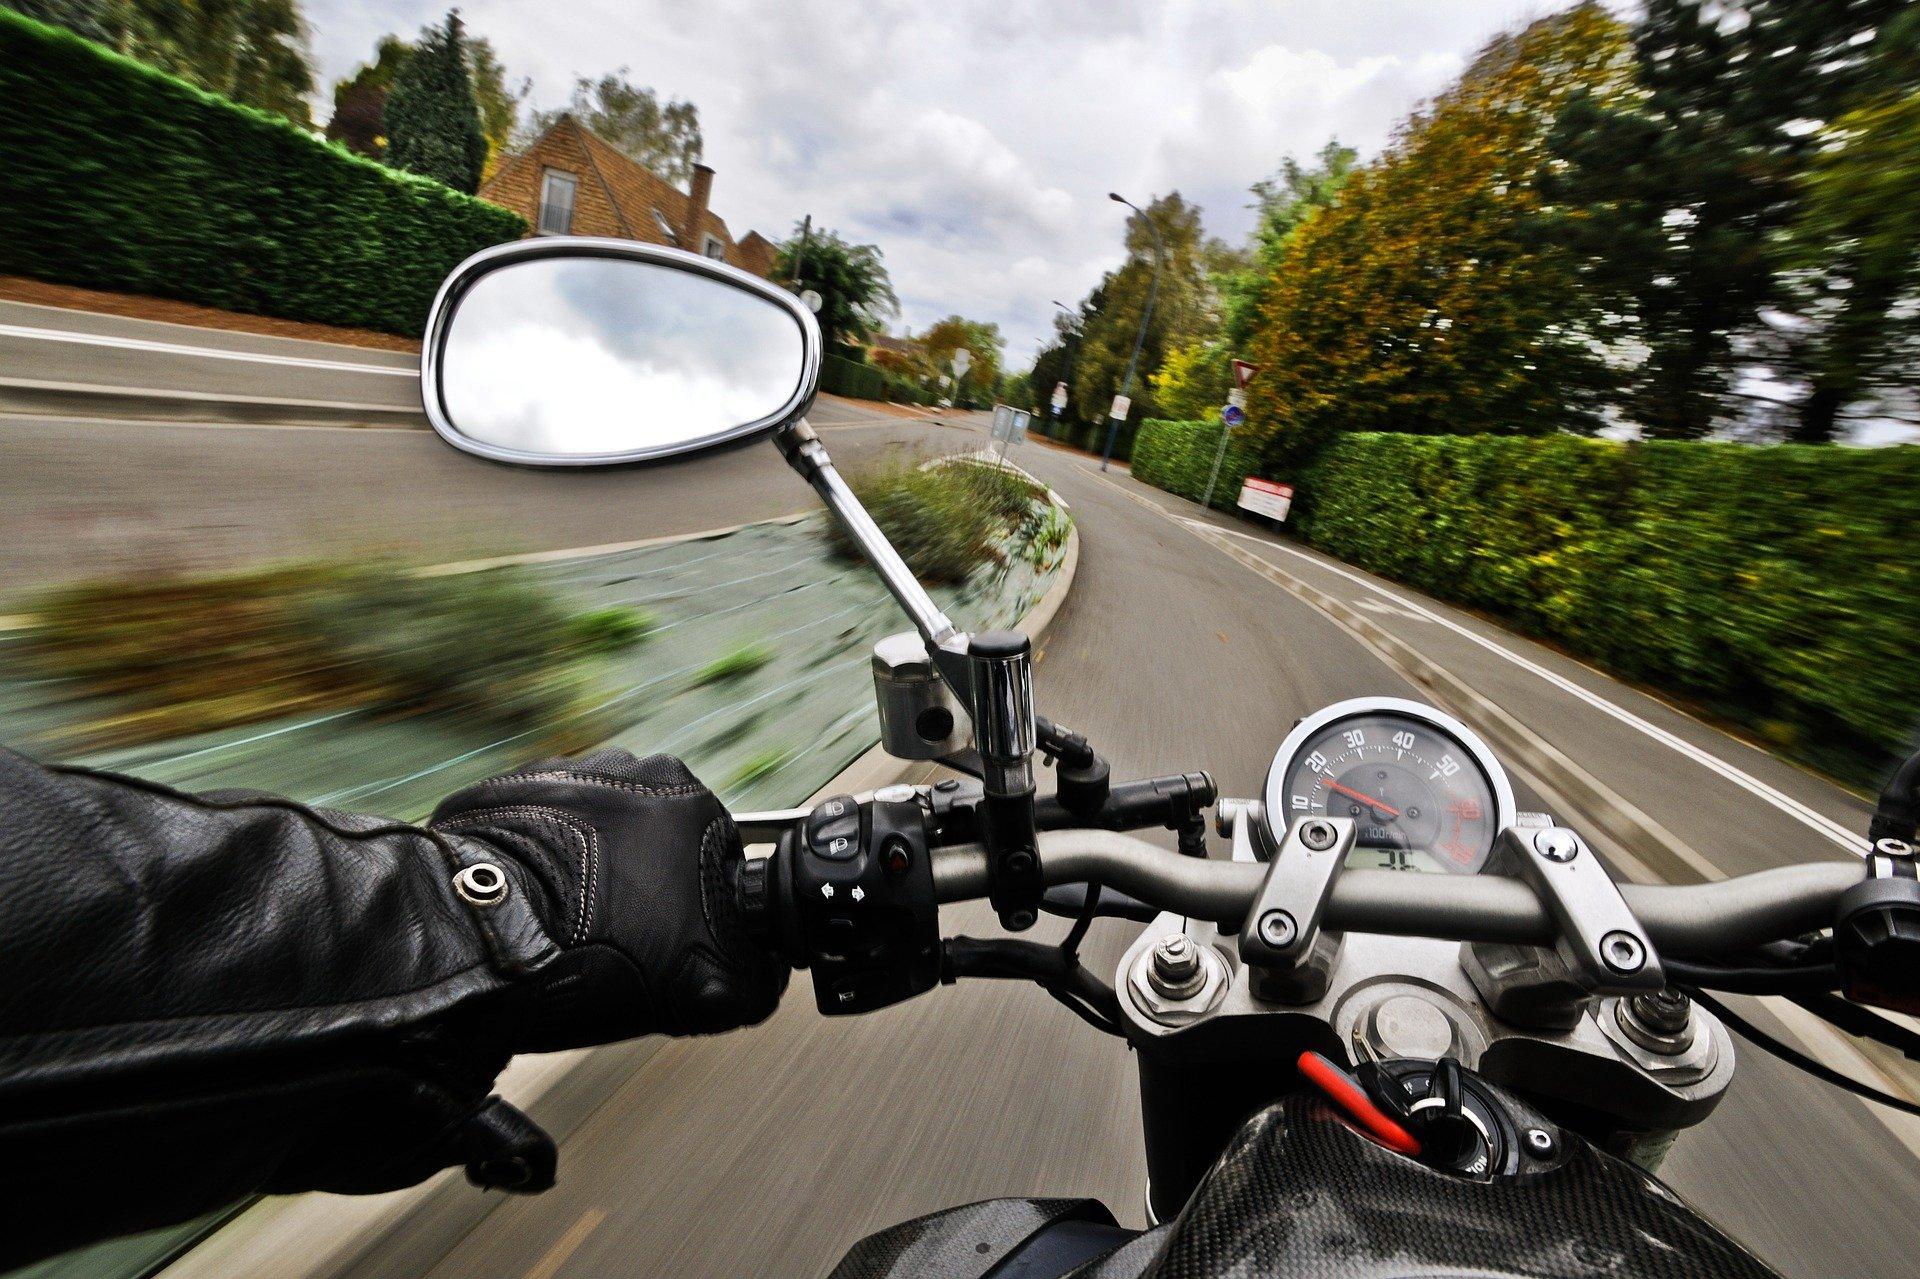 Motorcycle speeding down road.